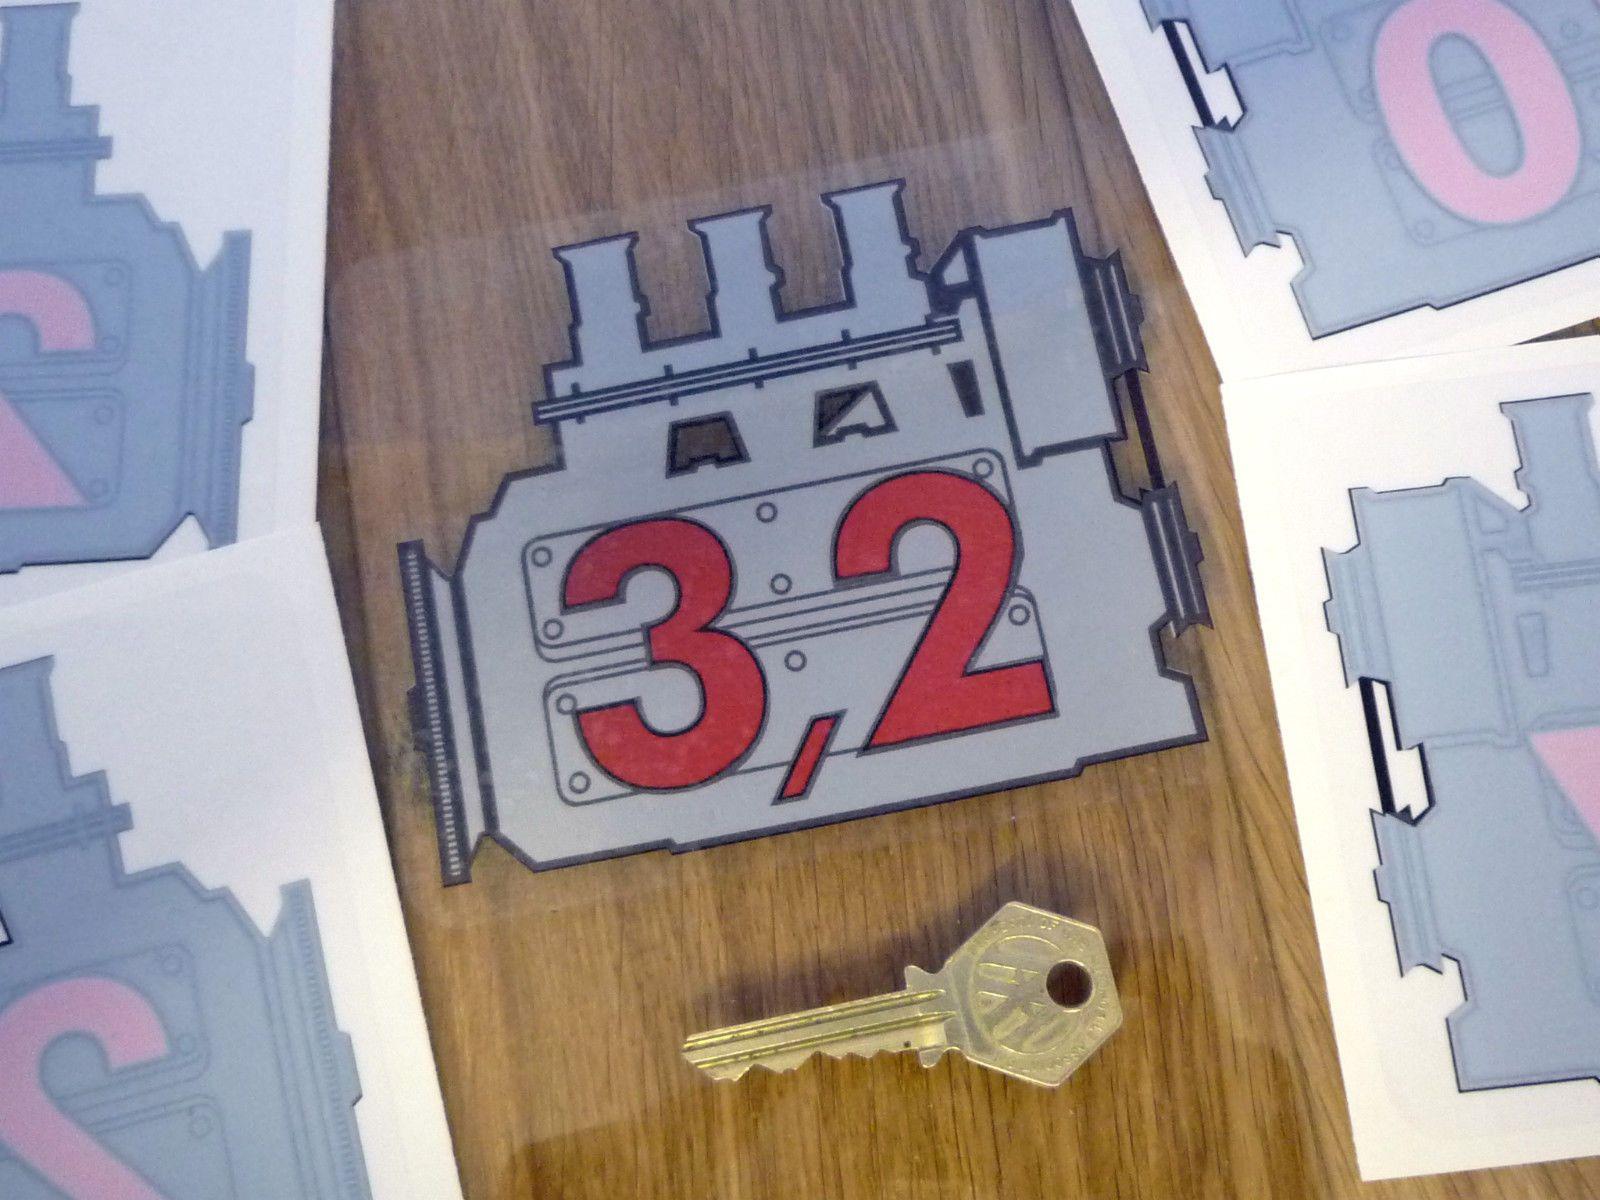 Porsche 911 3 2 Engine Displacement CAR Window Sticker Decal 2 0 2 2 2 7 3 0   eBay